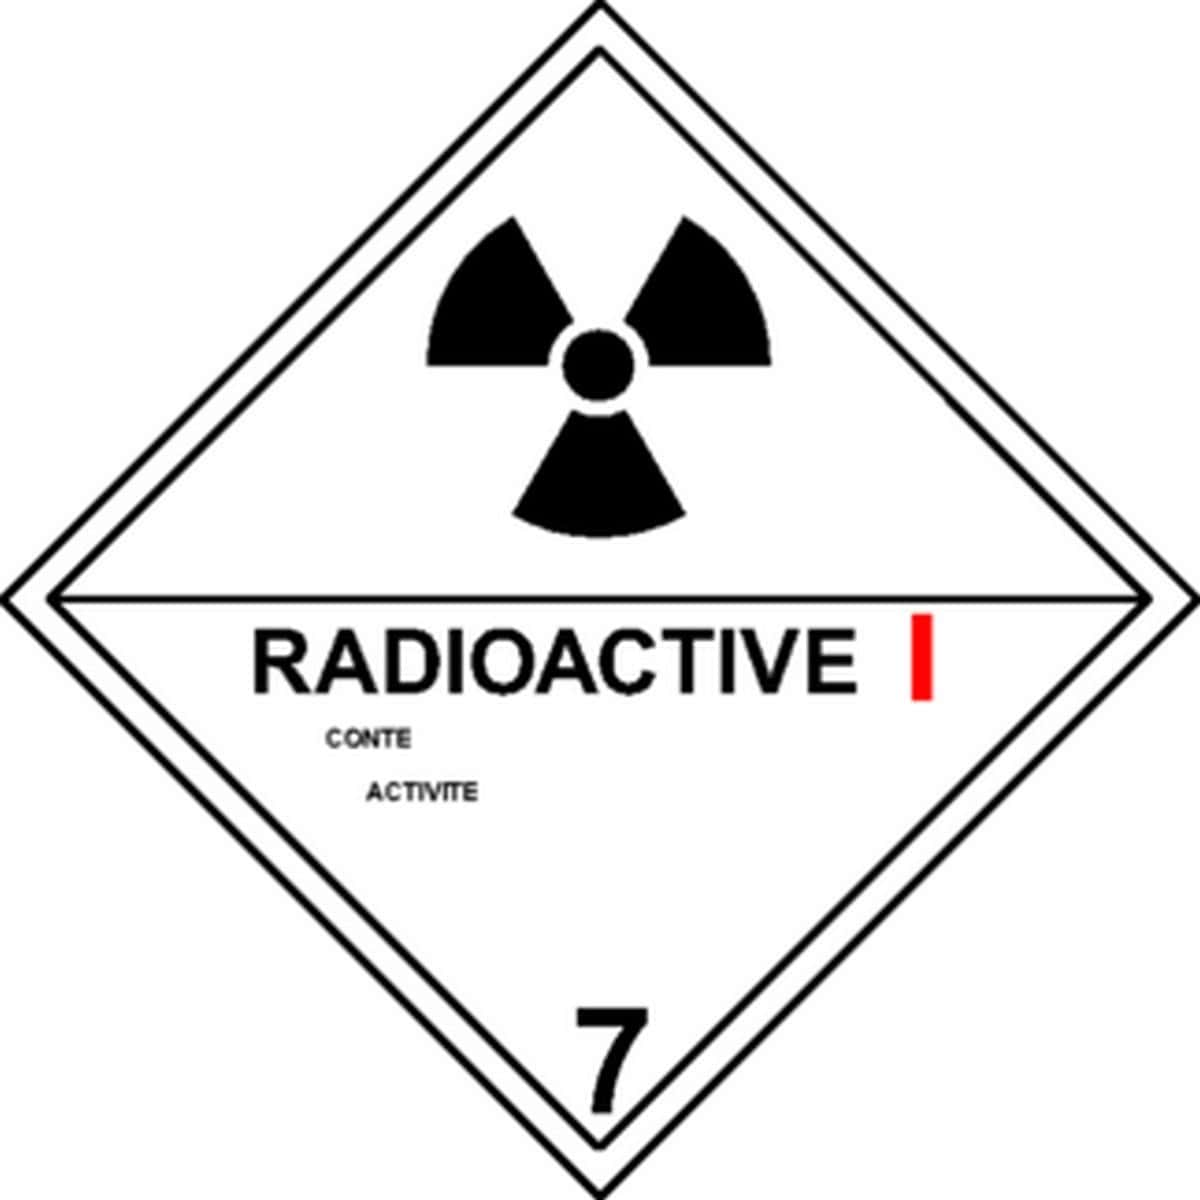 Etiquette Radioactive I en anglais